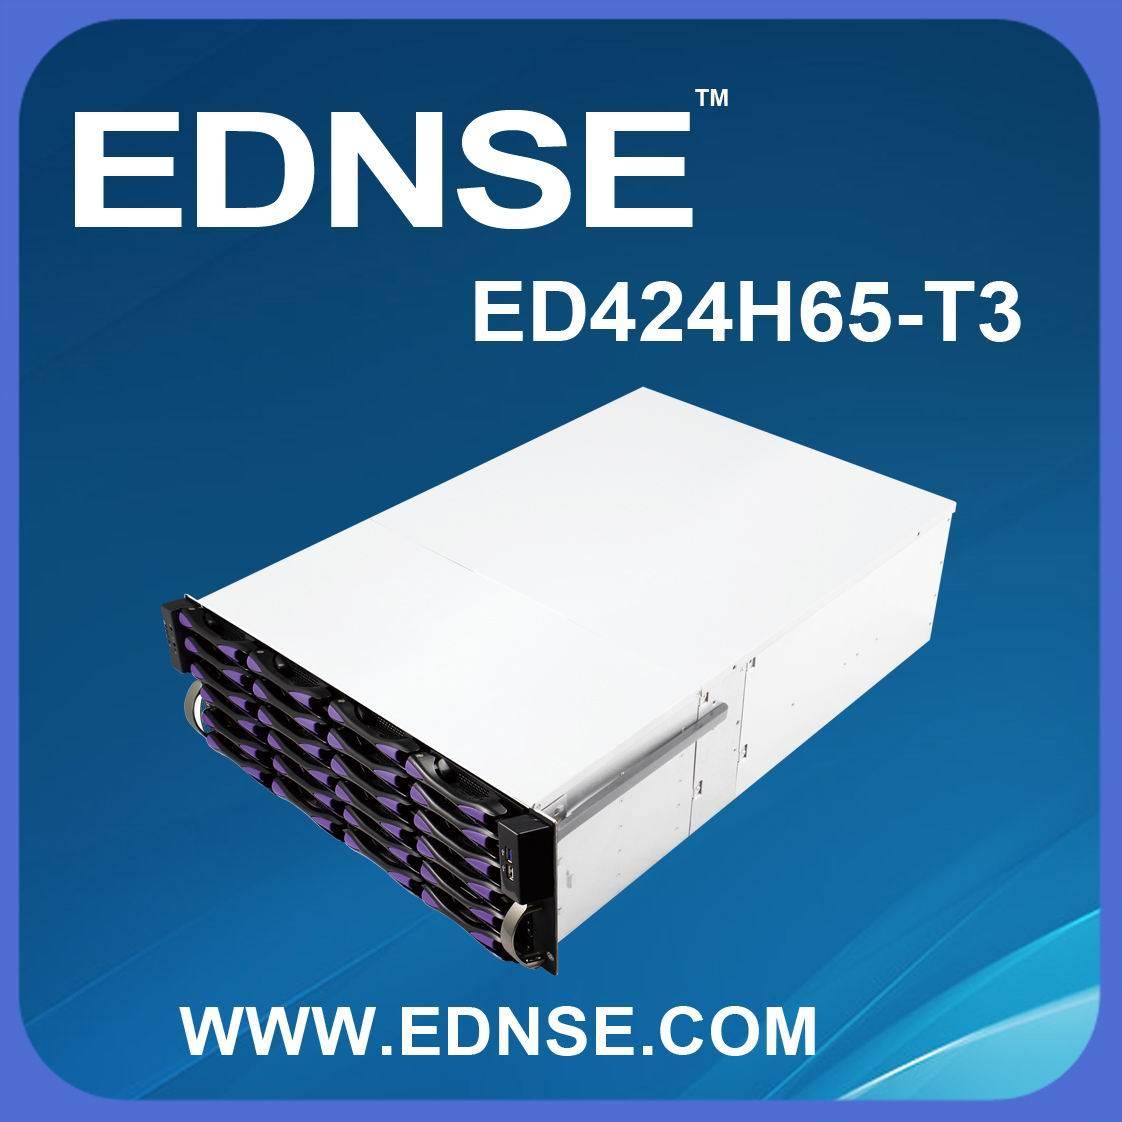 High quality 4U rack server case